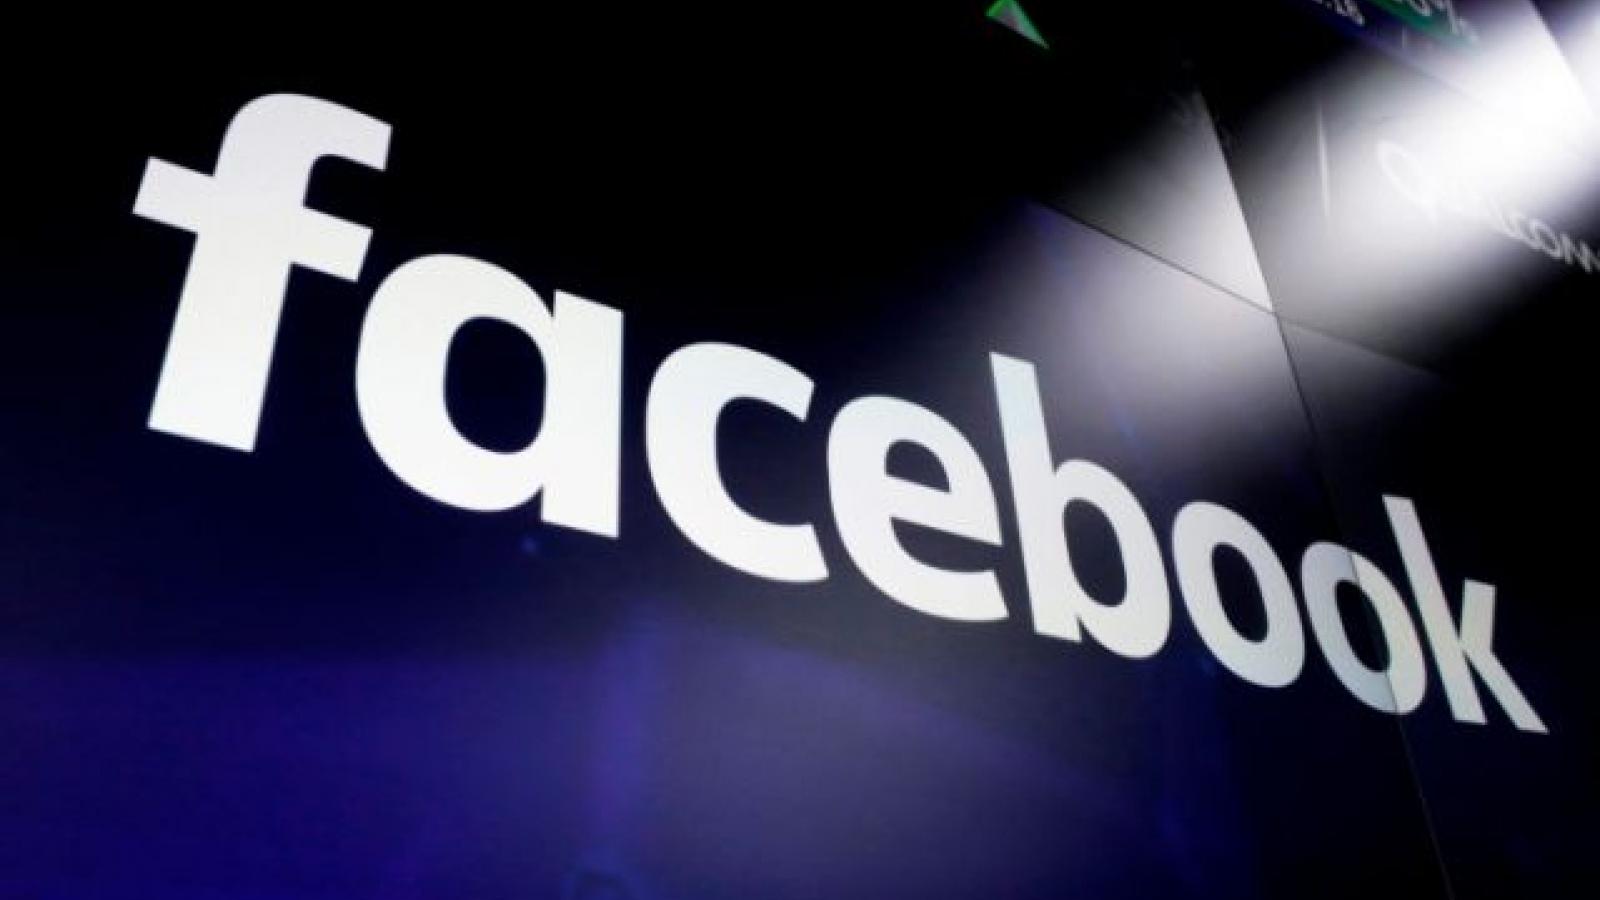 Trước thềm ngày nhậm chức, Facebook cấm quảng cáo phụ kiện vũ khí và thiết bị bảo vệ ở Mỹ